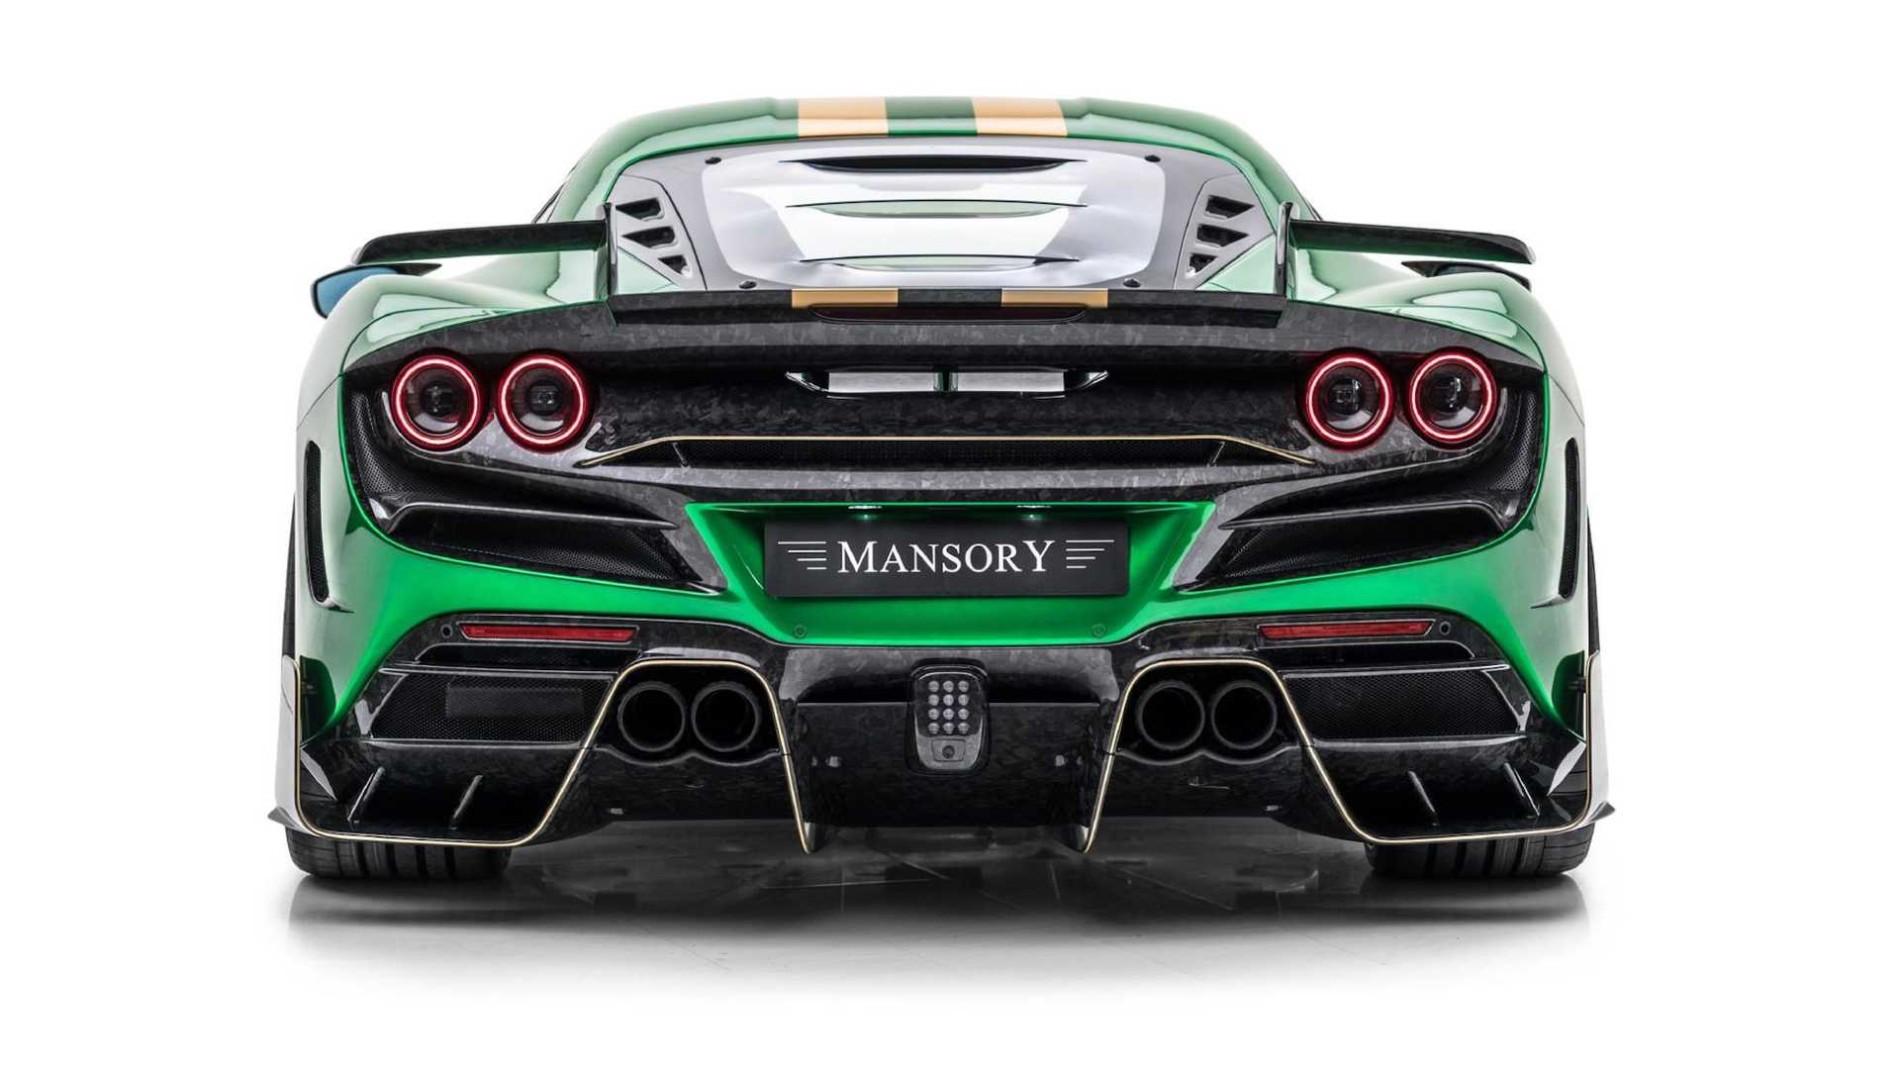 Ferrari F8 Tributo de la Mansory - Ferrari F8 Tributo de la Mansory